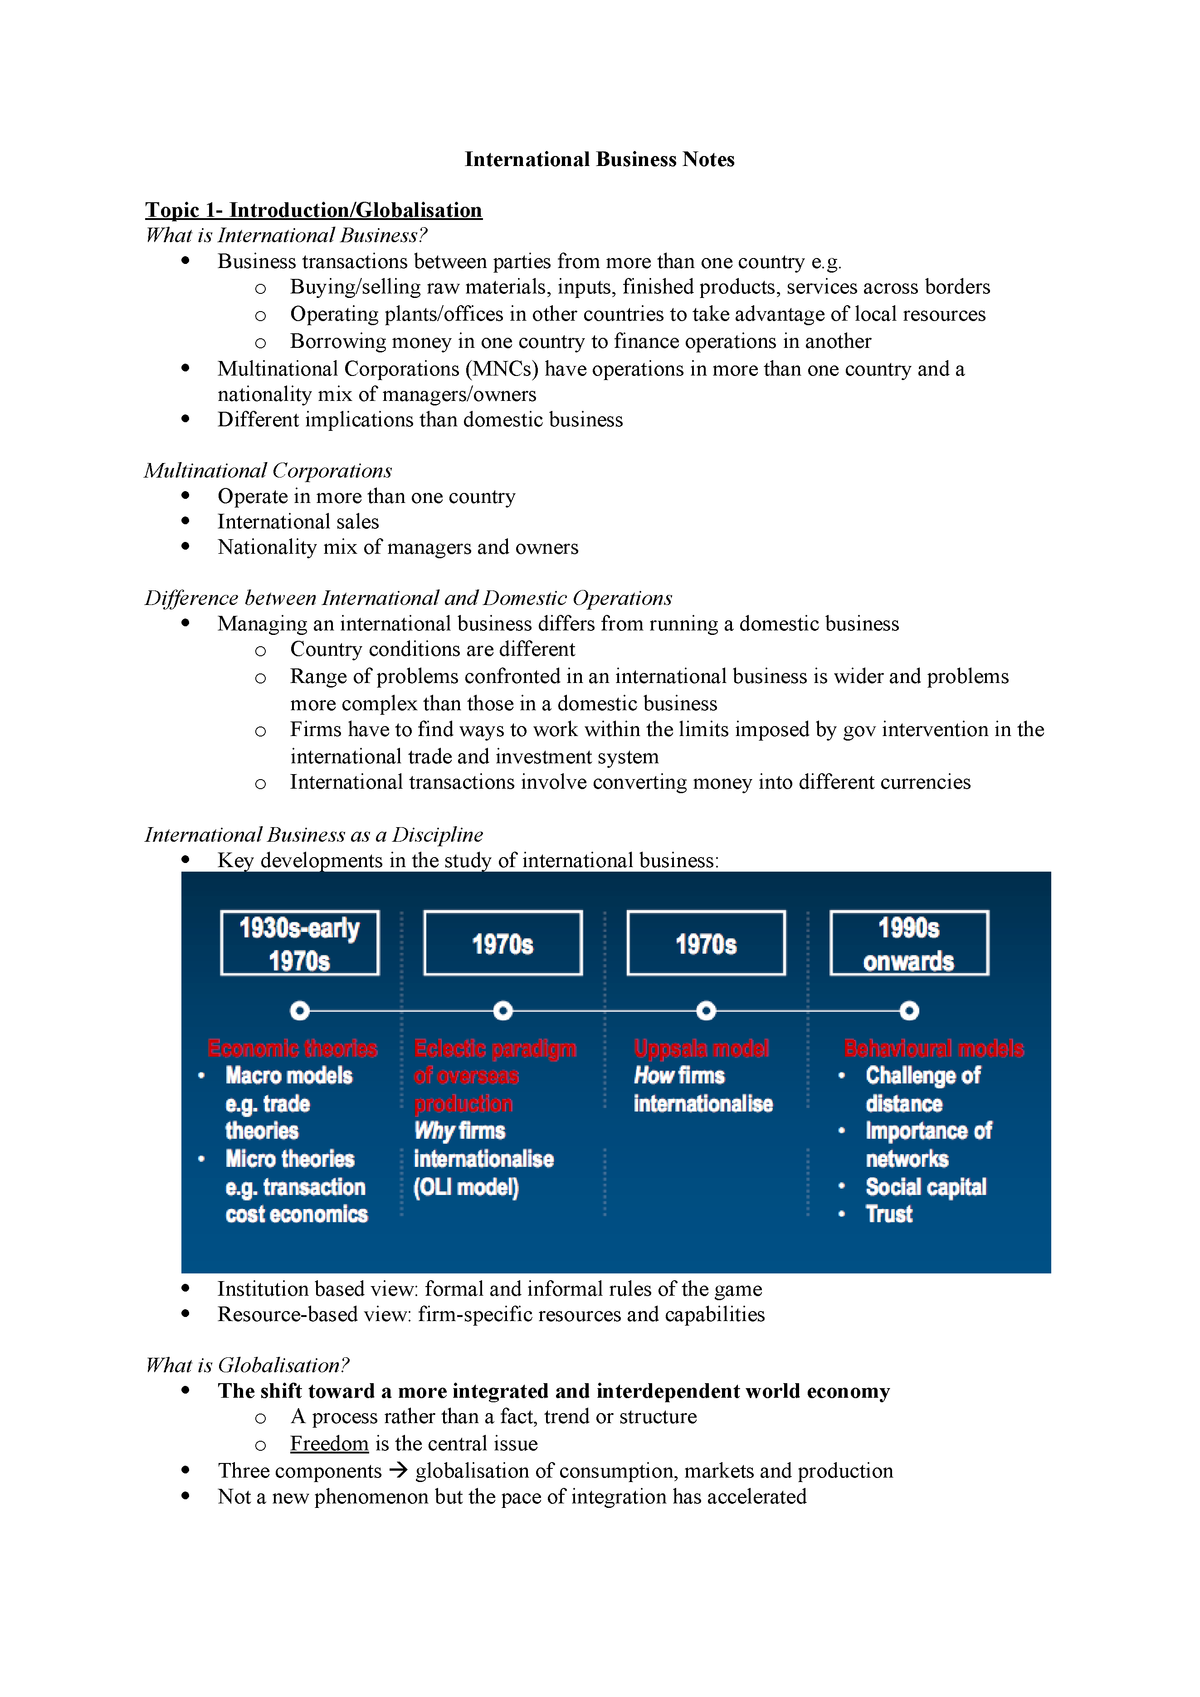 International-Business-Notes - BUSI2025 - ANU - StuDocu